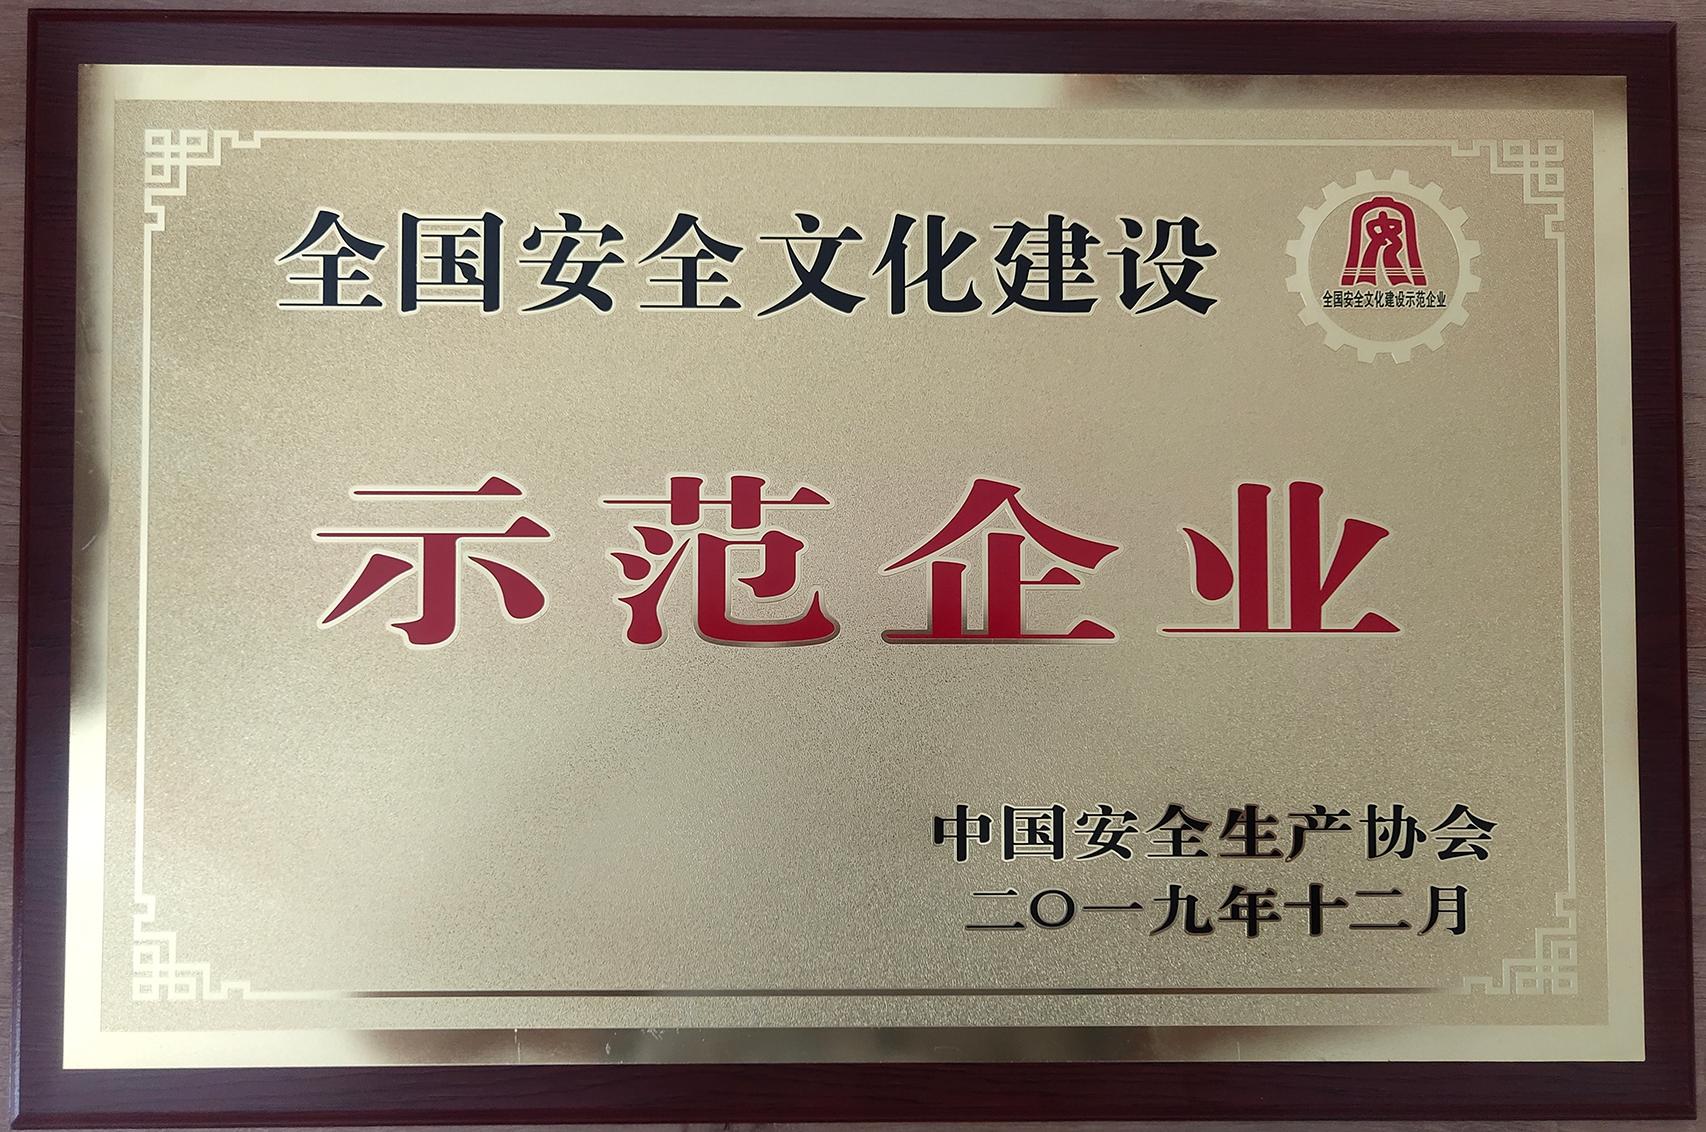 【奖项荣誉】全国安全文化建设示范企业